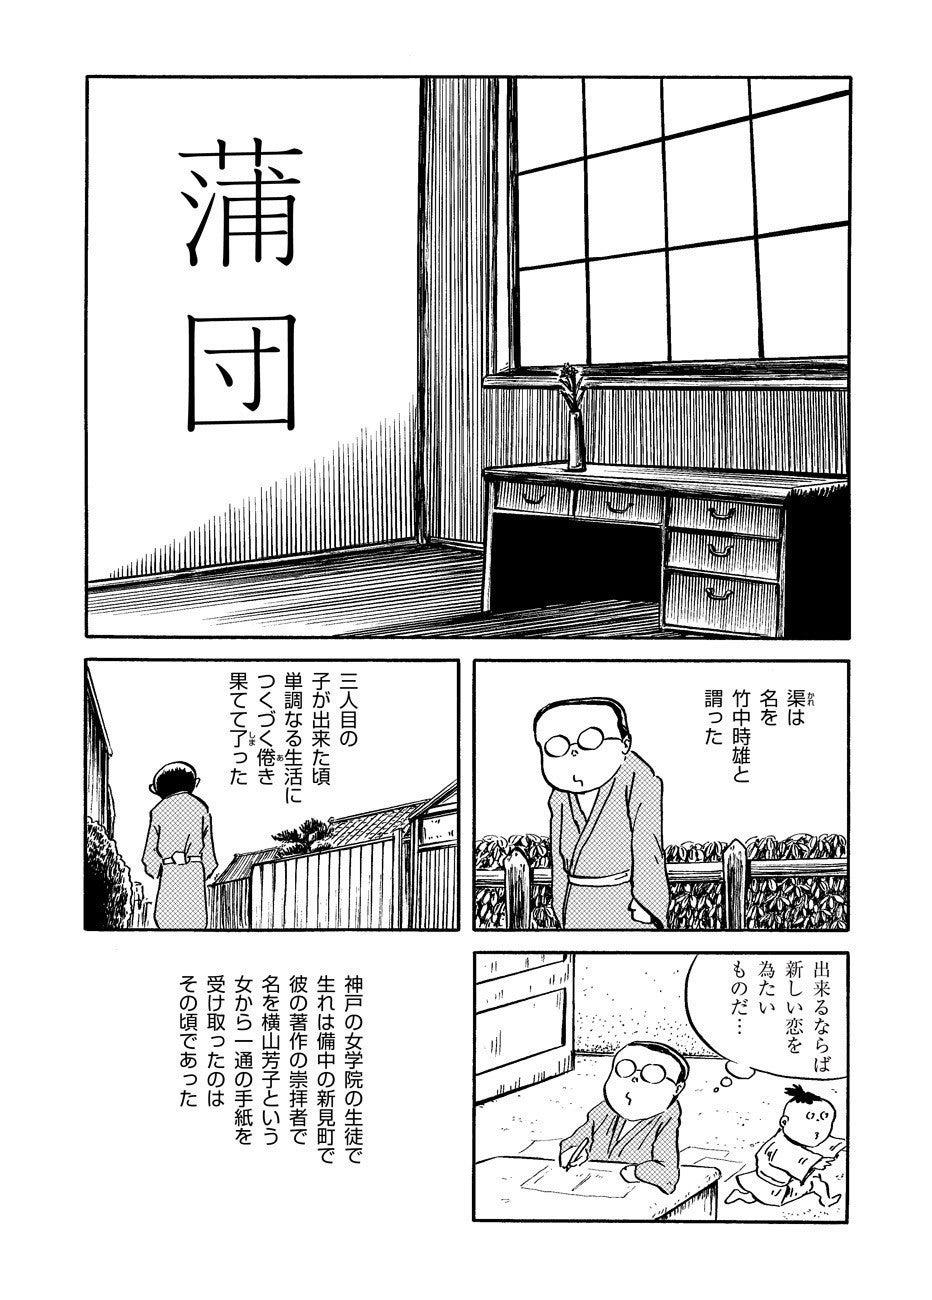 幸田 露伴 五重塔